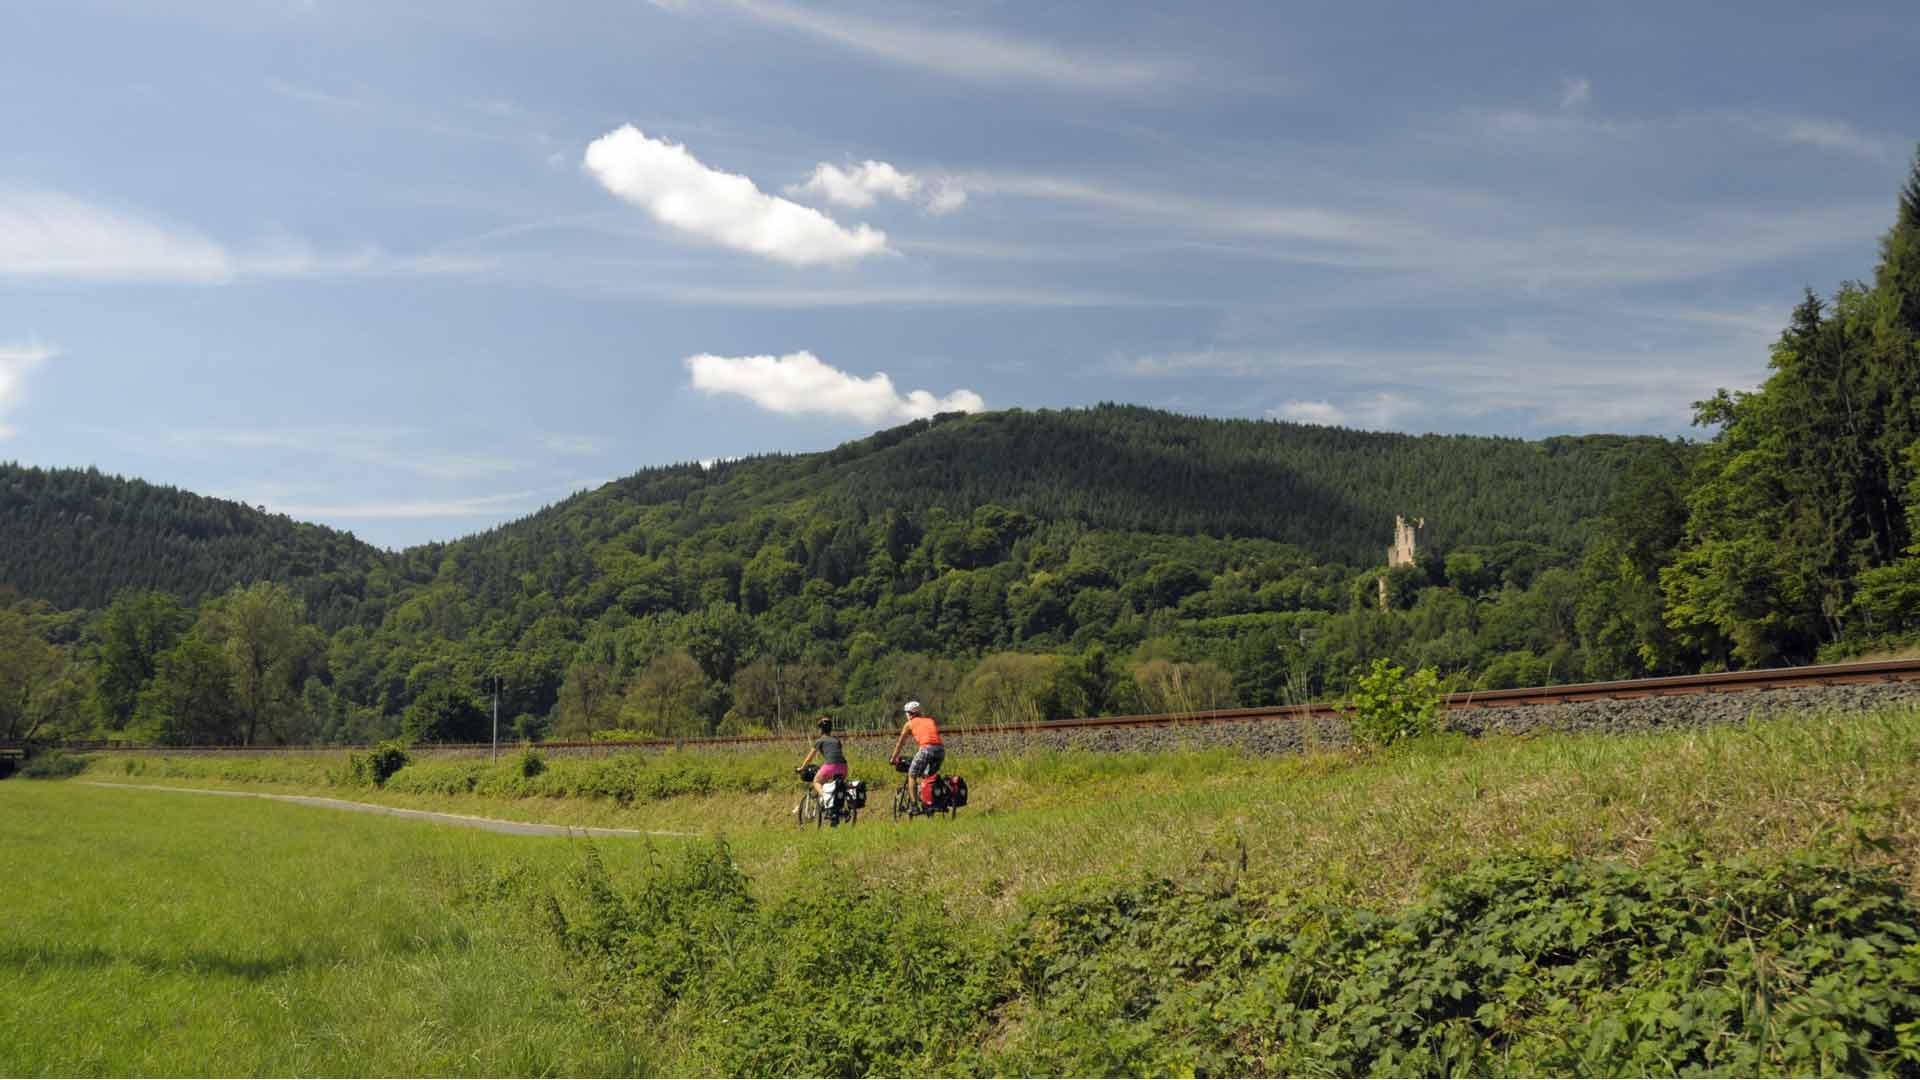 Fietsen door de natuur op de Kyll-Radweg in de Eifel.